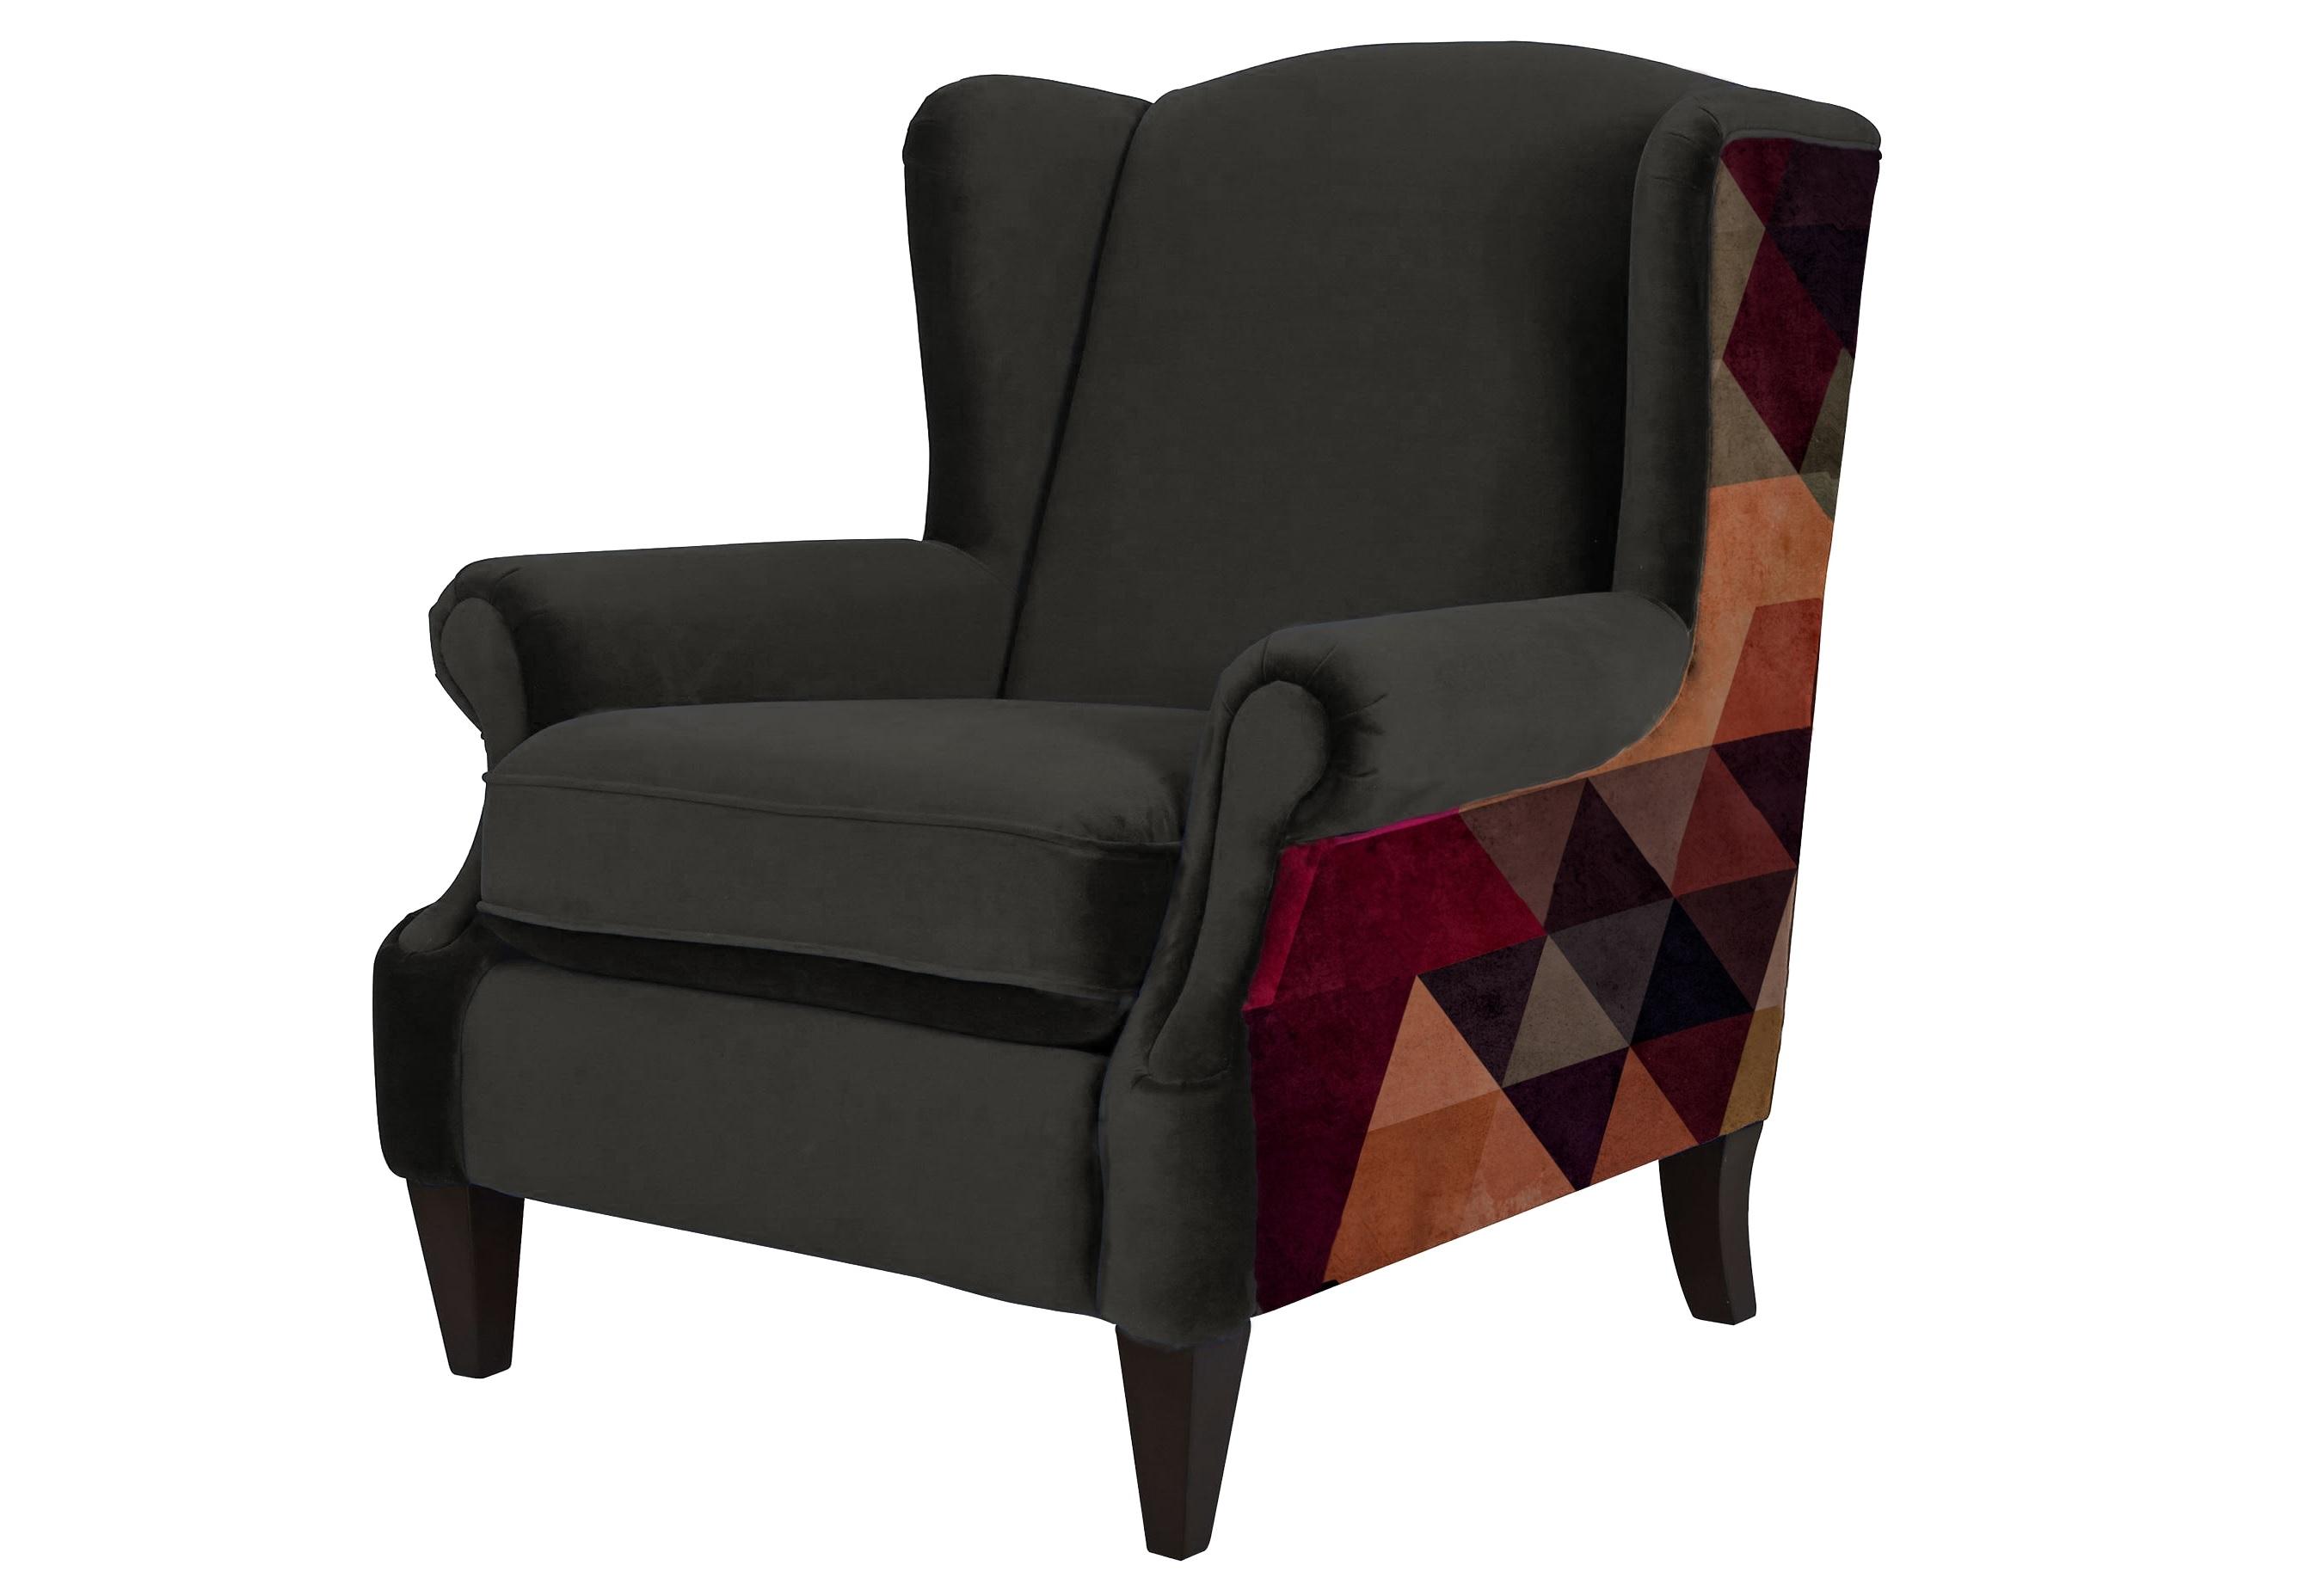 Кресло Triangle AppleИнтерьерные кресла<br>Уникальный дизайн. Кресло с принтом одного из талантивейших художников- иллюстраторов Джеймса Соареса. Отличительная черта американского художника это абстрактный графический дизайн с сочетанием множества оттенков. Произвдено из экологически чистых материалов. Каркас и ножки  - дуб. Модель представлена в ткани микровелюр – мягкий, бархатистый материал, широко используемый в качестве обивки для мебели. Обладает целым рядом замечательных свойств: отлично пропускает воздух, отталкивает пыль и долго сохраняет изначальный цвет, не протираясь и не выцветая. Высокие эксплуатационные свойства в сочетании с превосходным дизайном обеспечили микровелюру большую популярность.&amp;lt;div&amp;gt;&amp;lt;br&amp;gt;&amp;lt;/div&amp;gt;&amp;lt;div&amp;gt;&amp;lt;div&amp;gt;По желанию возможность выбрать ткань из других коллекций.&amp;lt;/div&amp;gt;&amp;lt;div&amp;gt;Гарантия от производителя 1 год.&amp;lt;/div&amp;gt;&amp;lt;div&amp;gt;Продукция изготавливается под заказ, стандартный срок производства 3-4 недели. Более точную информацию уточняйте у менеджера.&amp;lt;/div&amp;gt;&amp;lt;/div&amp;gt;<br><br>Material: Текстиль<br>Length см: None<br>Width см: 82<br>Depth см: 88<br>Height см: 98